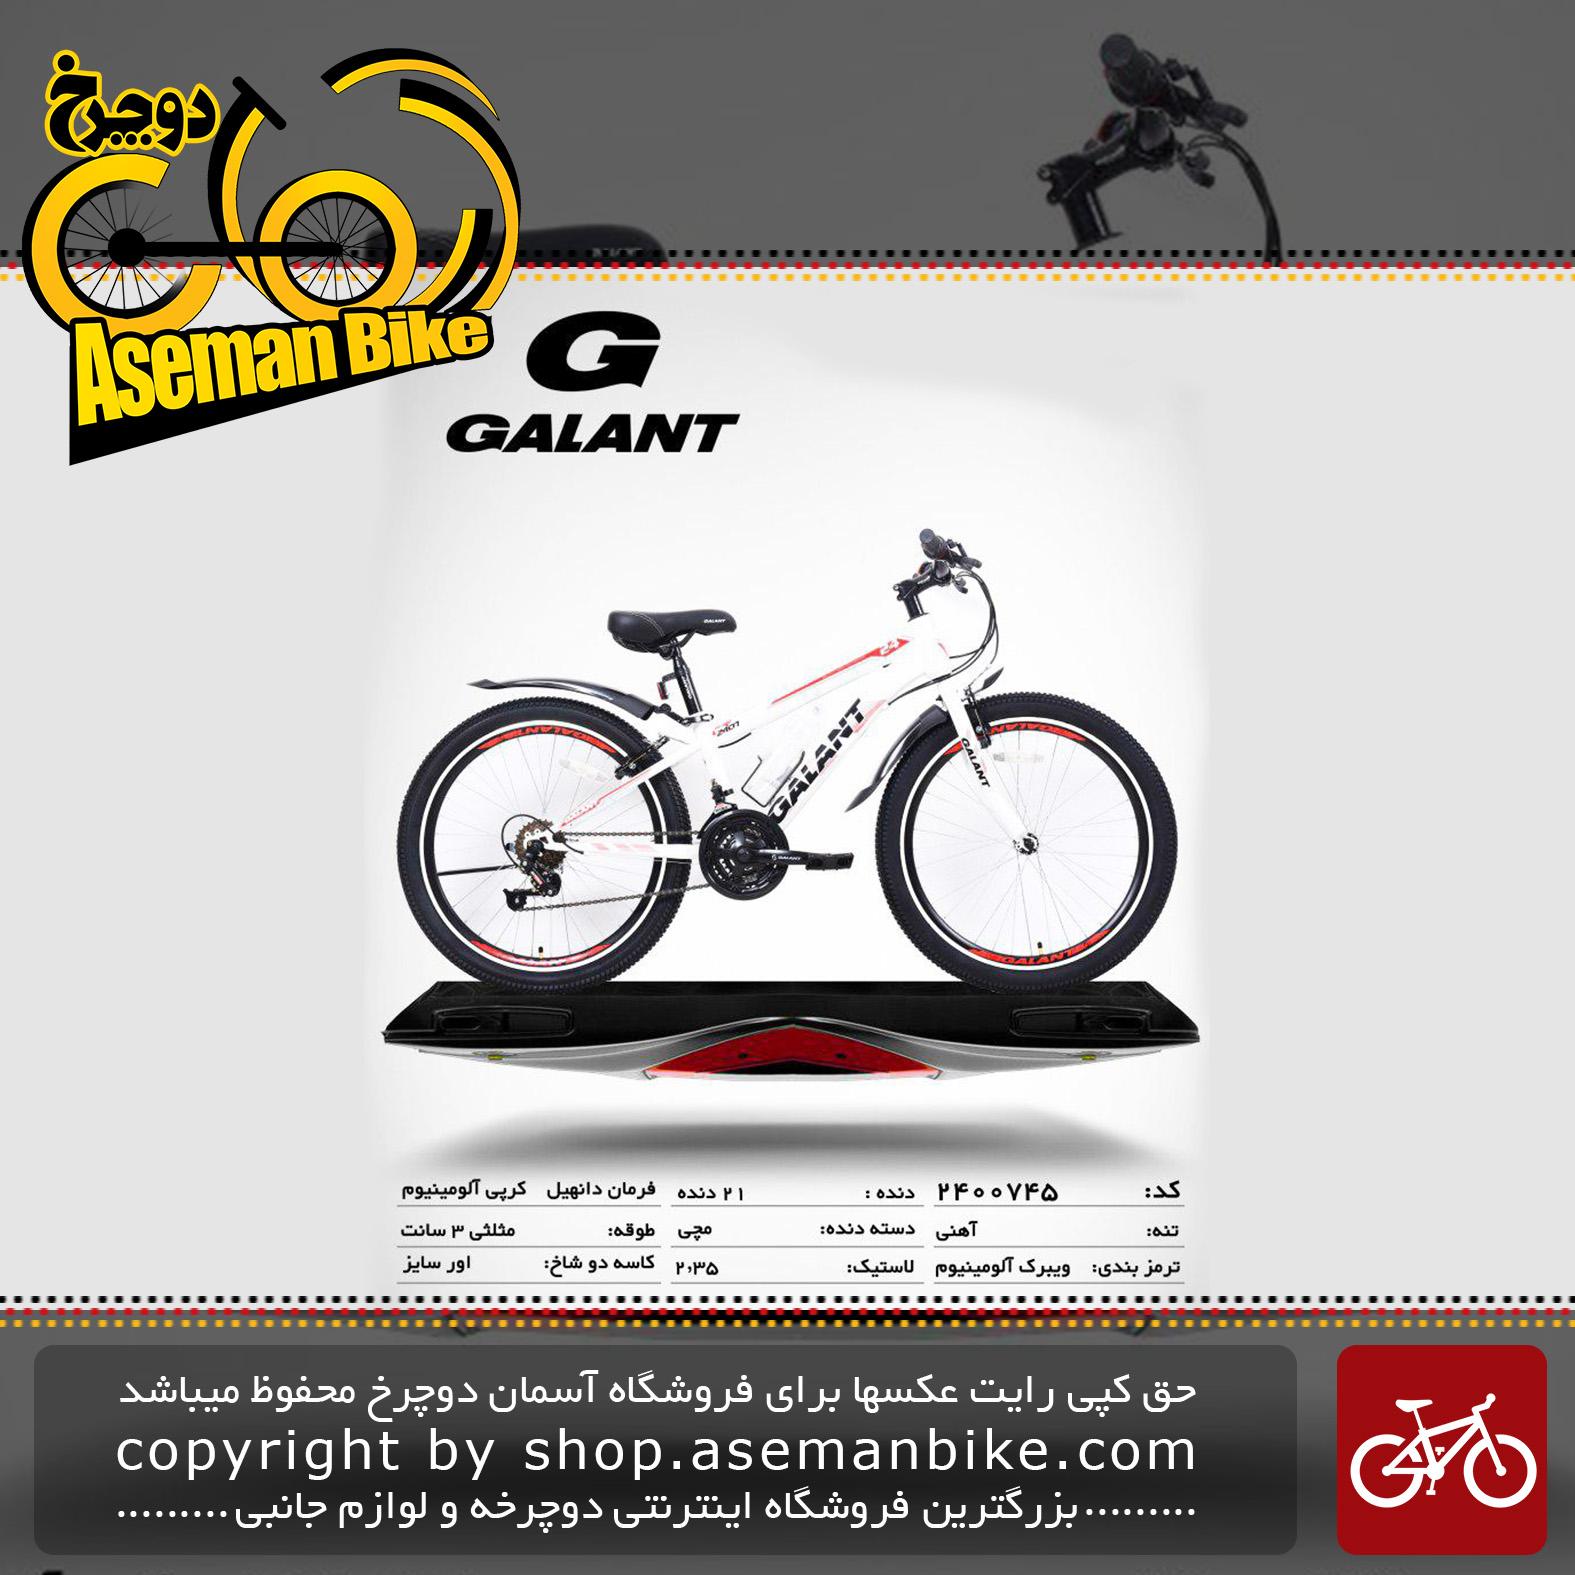 دوچرخه کوهستان شهری گالانت مدل 745 21 دنده سایز 24 ساخت تایوان GALANT Mountain City Bicycle Taiwan 745 Size 24 2019